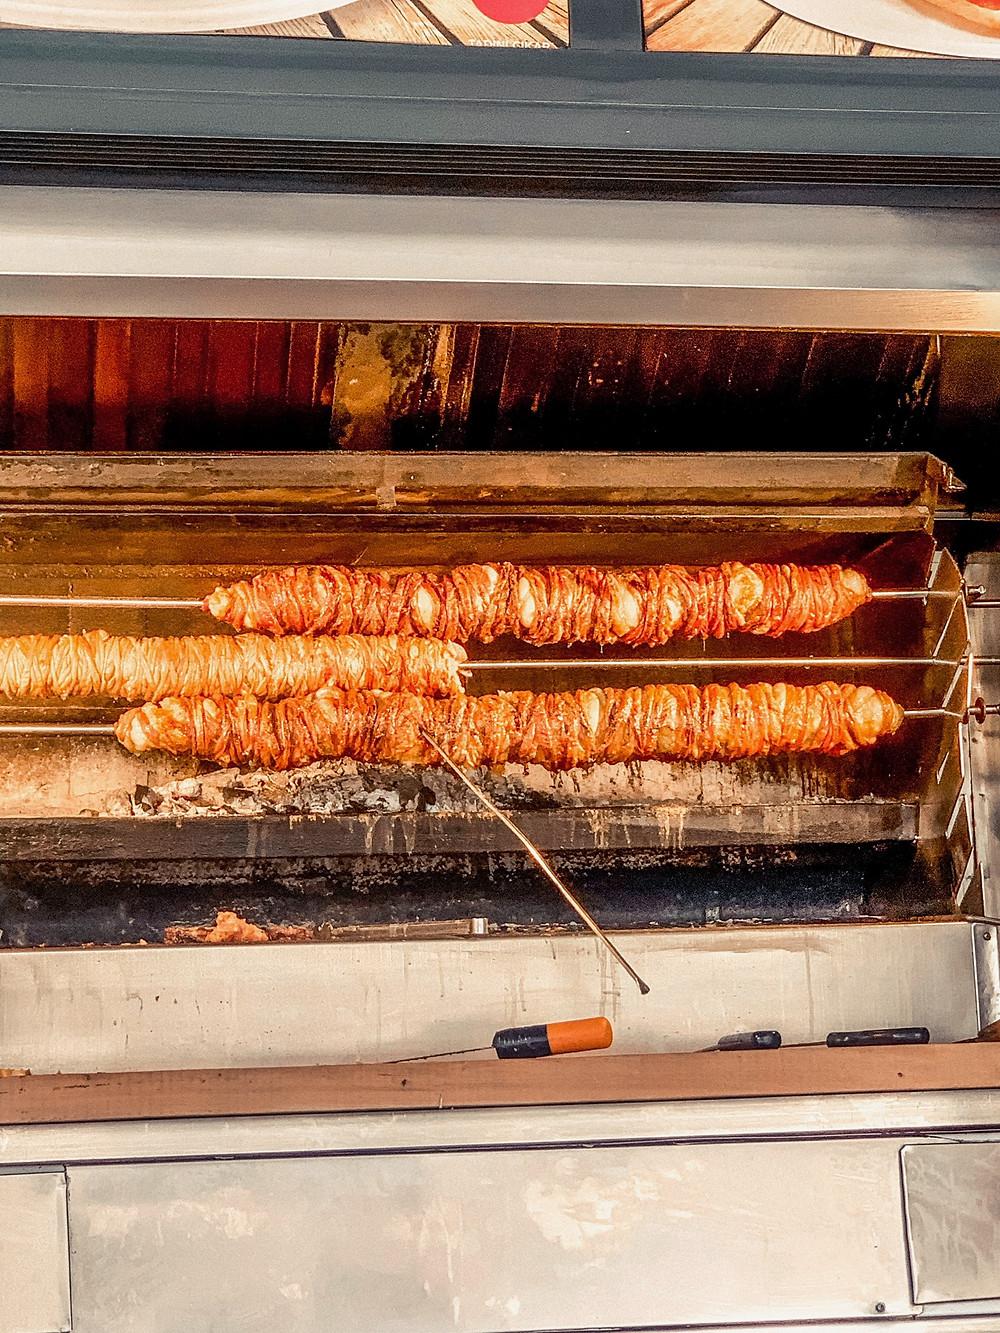 Skewers of roasting kokoreç